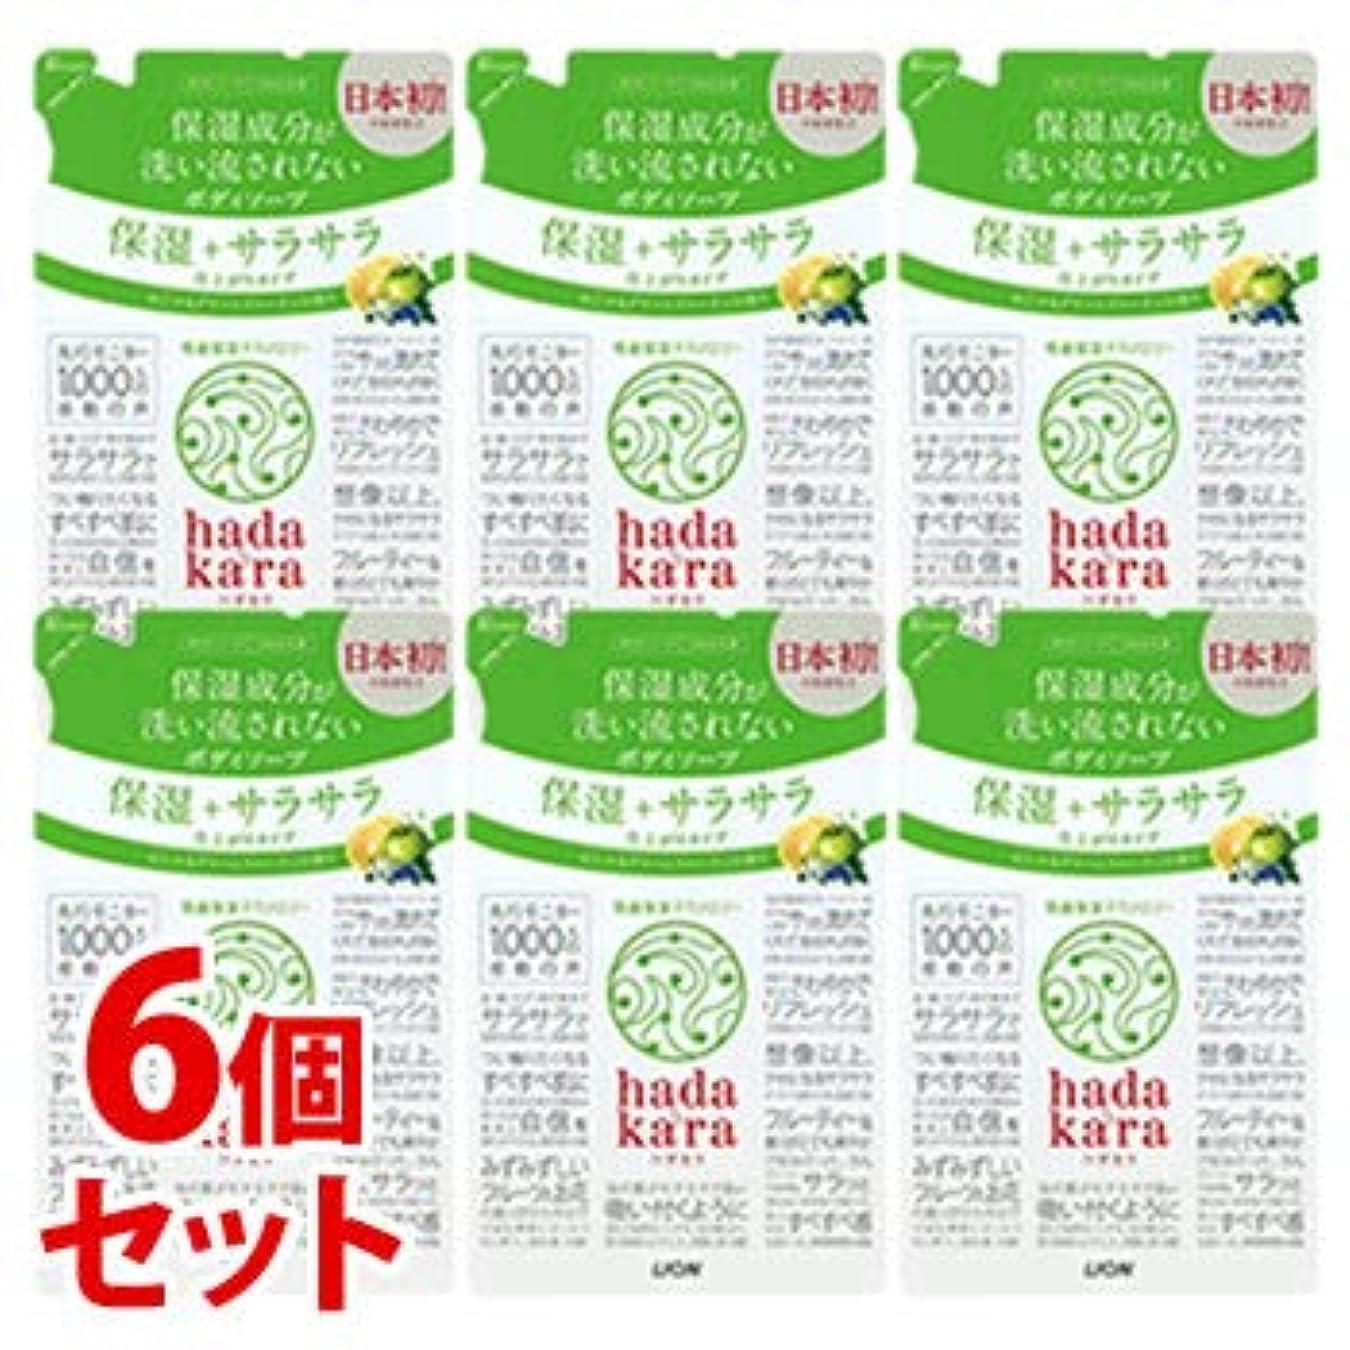 東部世界の窓シーフード《セット販売》 ライオン ハダカラ hadakara ボディソープ 保湿+サラサラ仕上がりタイプ グリーンフルーティの香り つめかえ用 (340mL)×6個セット 詰め替え用